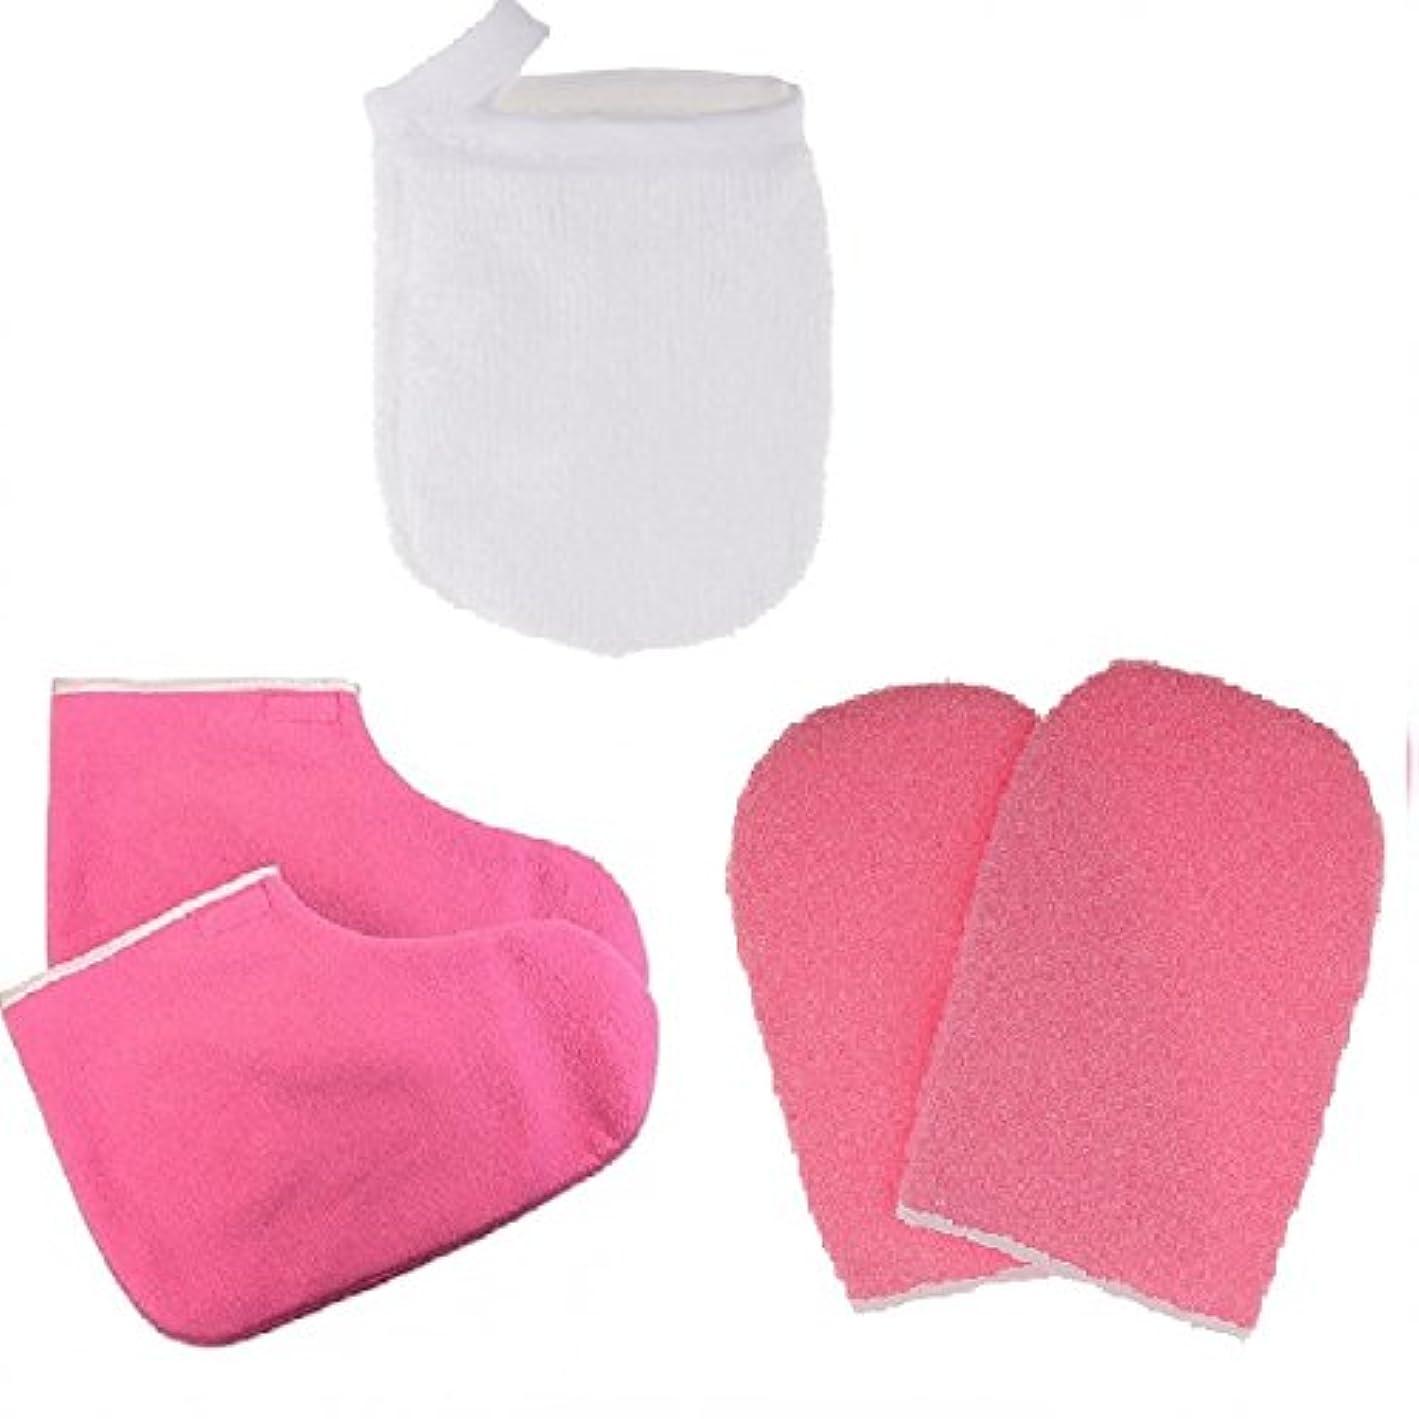 辞任悪性のレールHomyl グローブ 手袋 パラフィンワックス保護手袋 メイクリムーバー パラフィンワックス手袋 サロン 自宅用